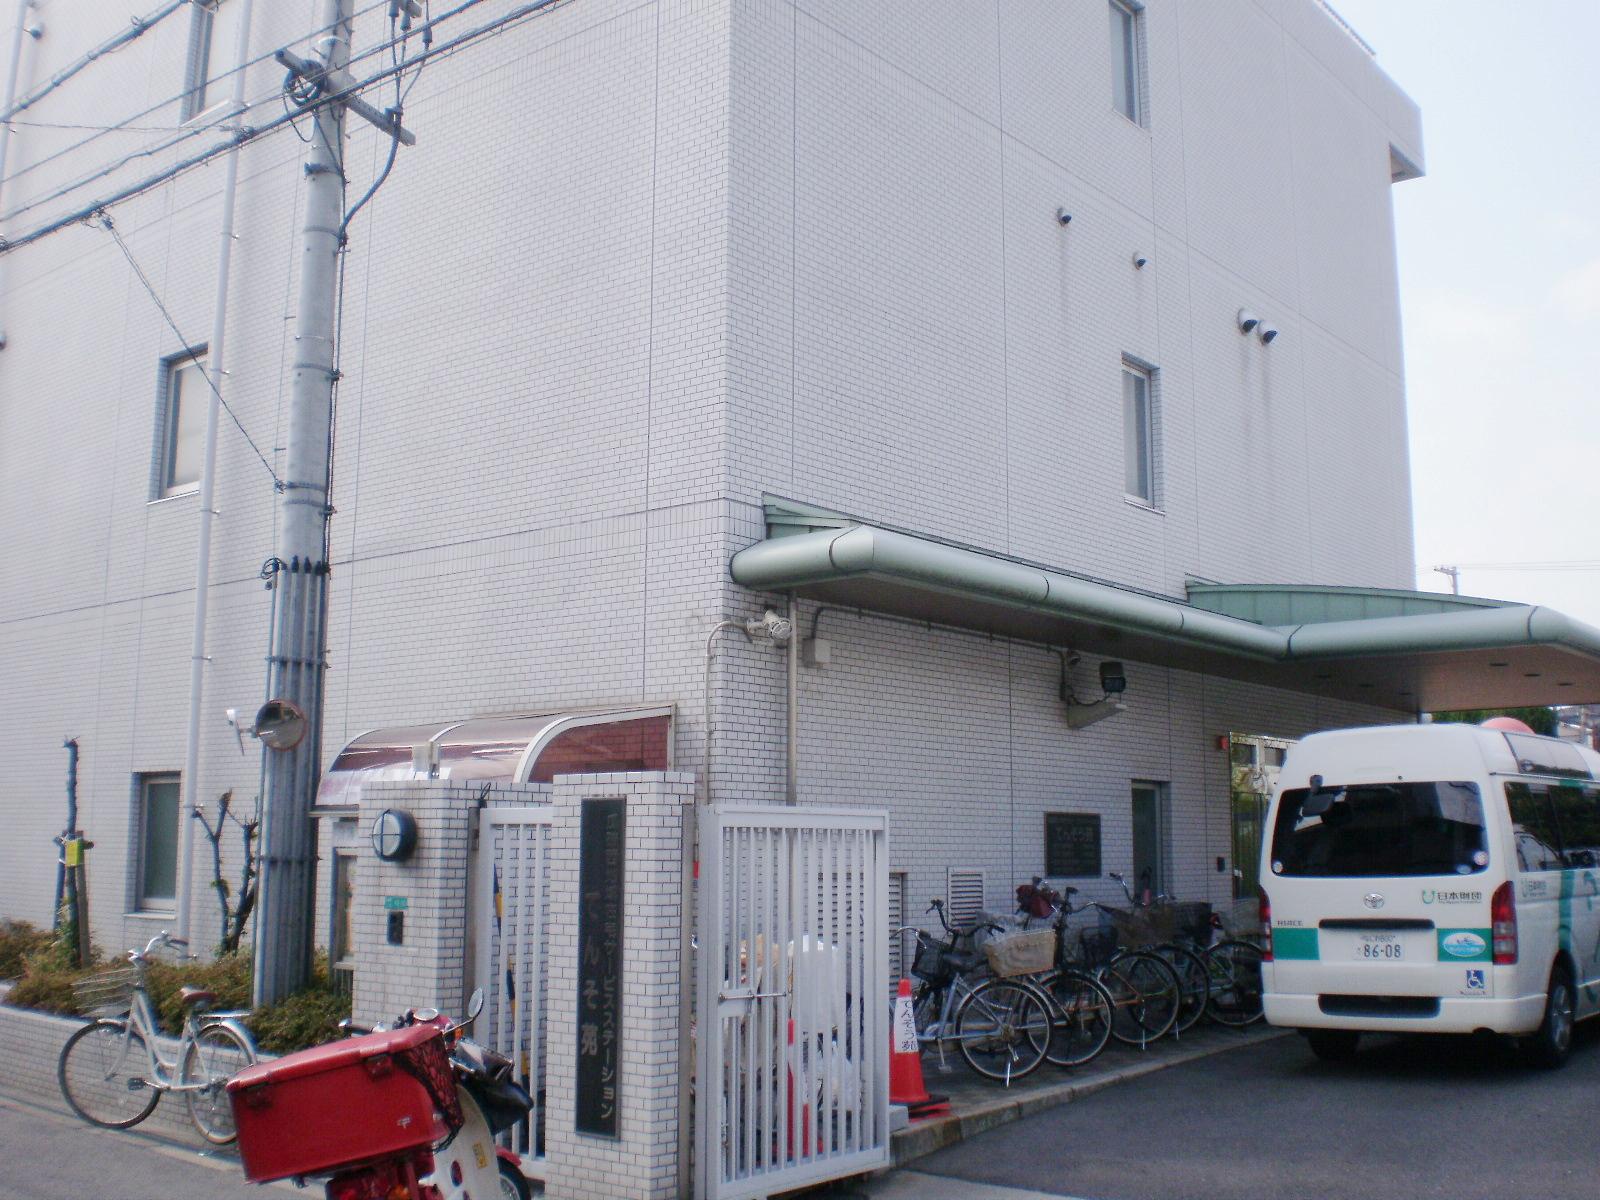 幼稚園・保育園 天宗瓜破園(幼稚園・保育園)まで438m